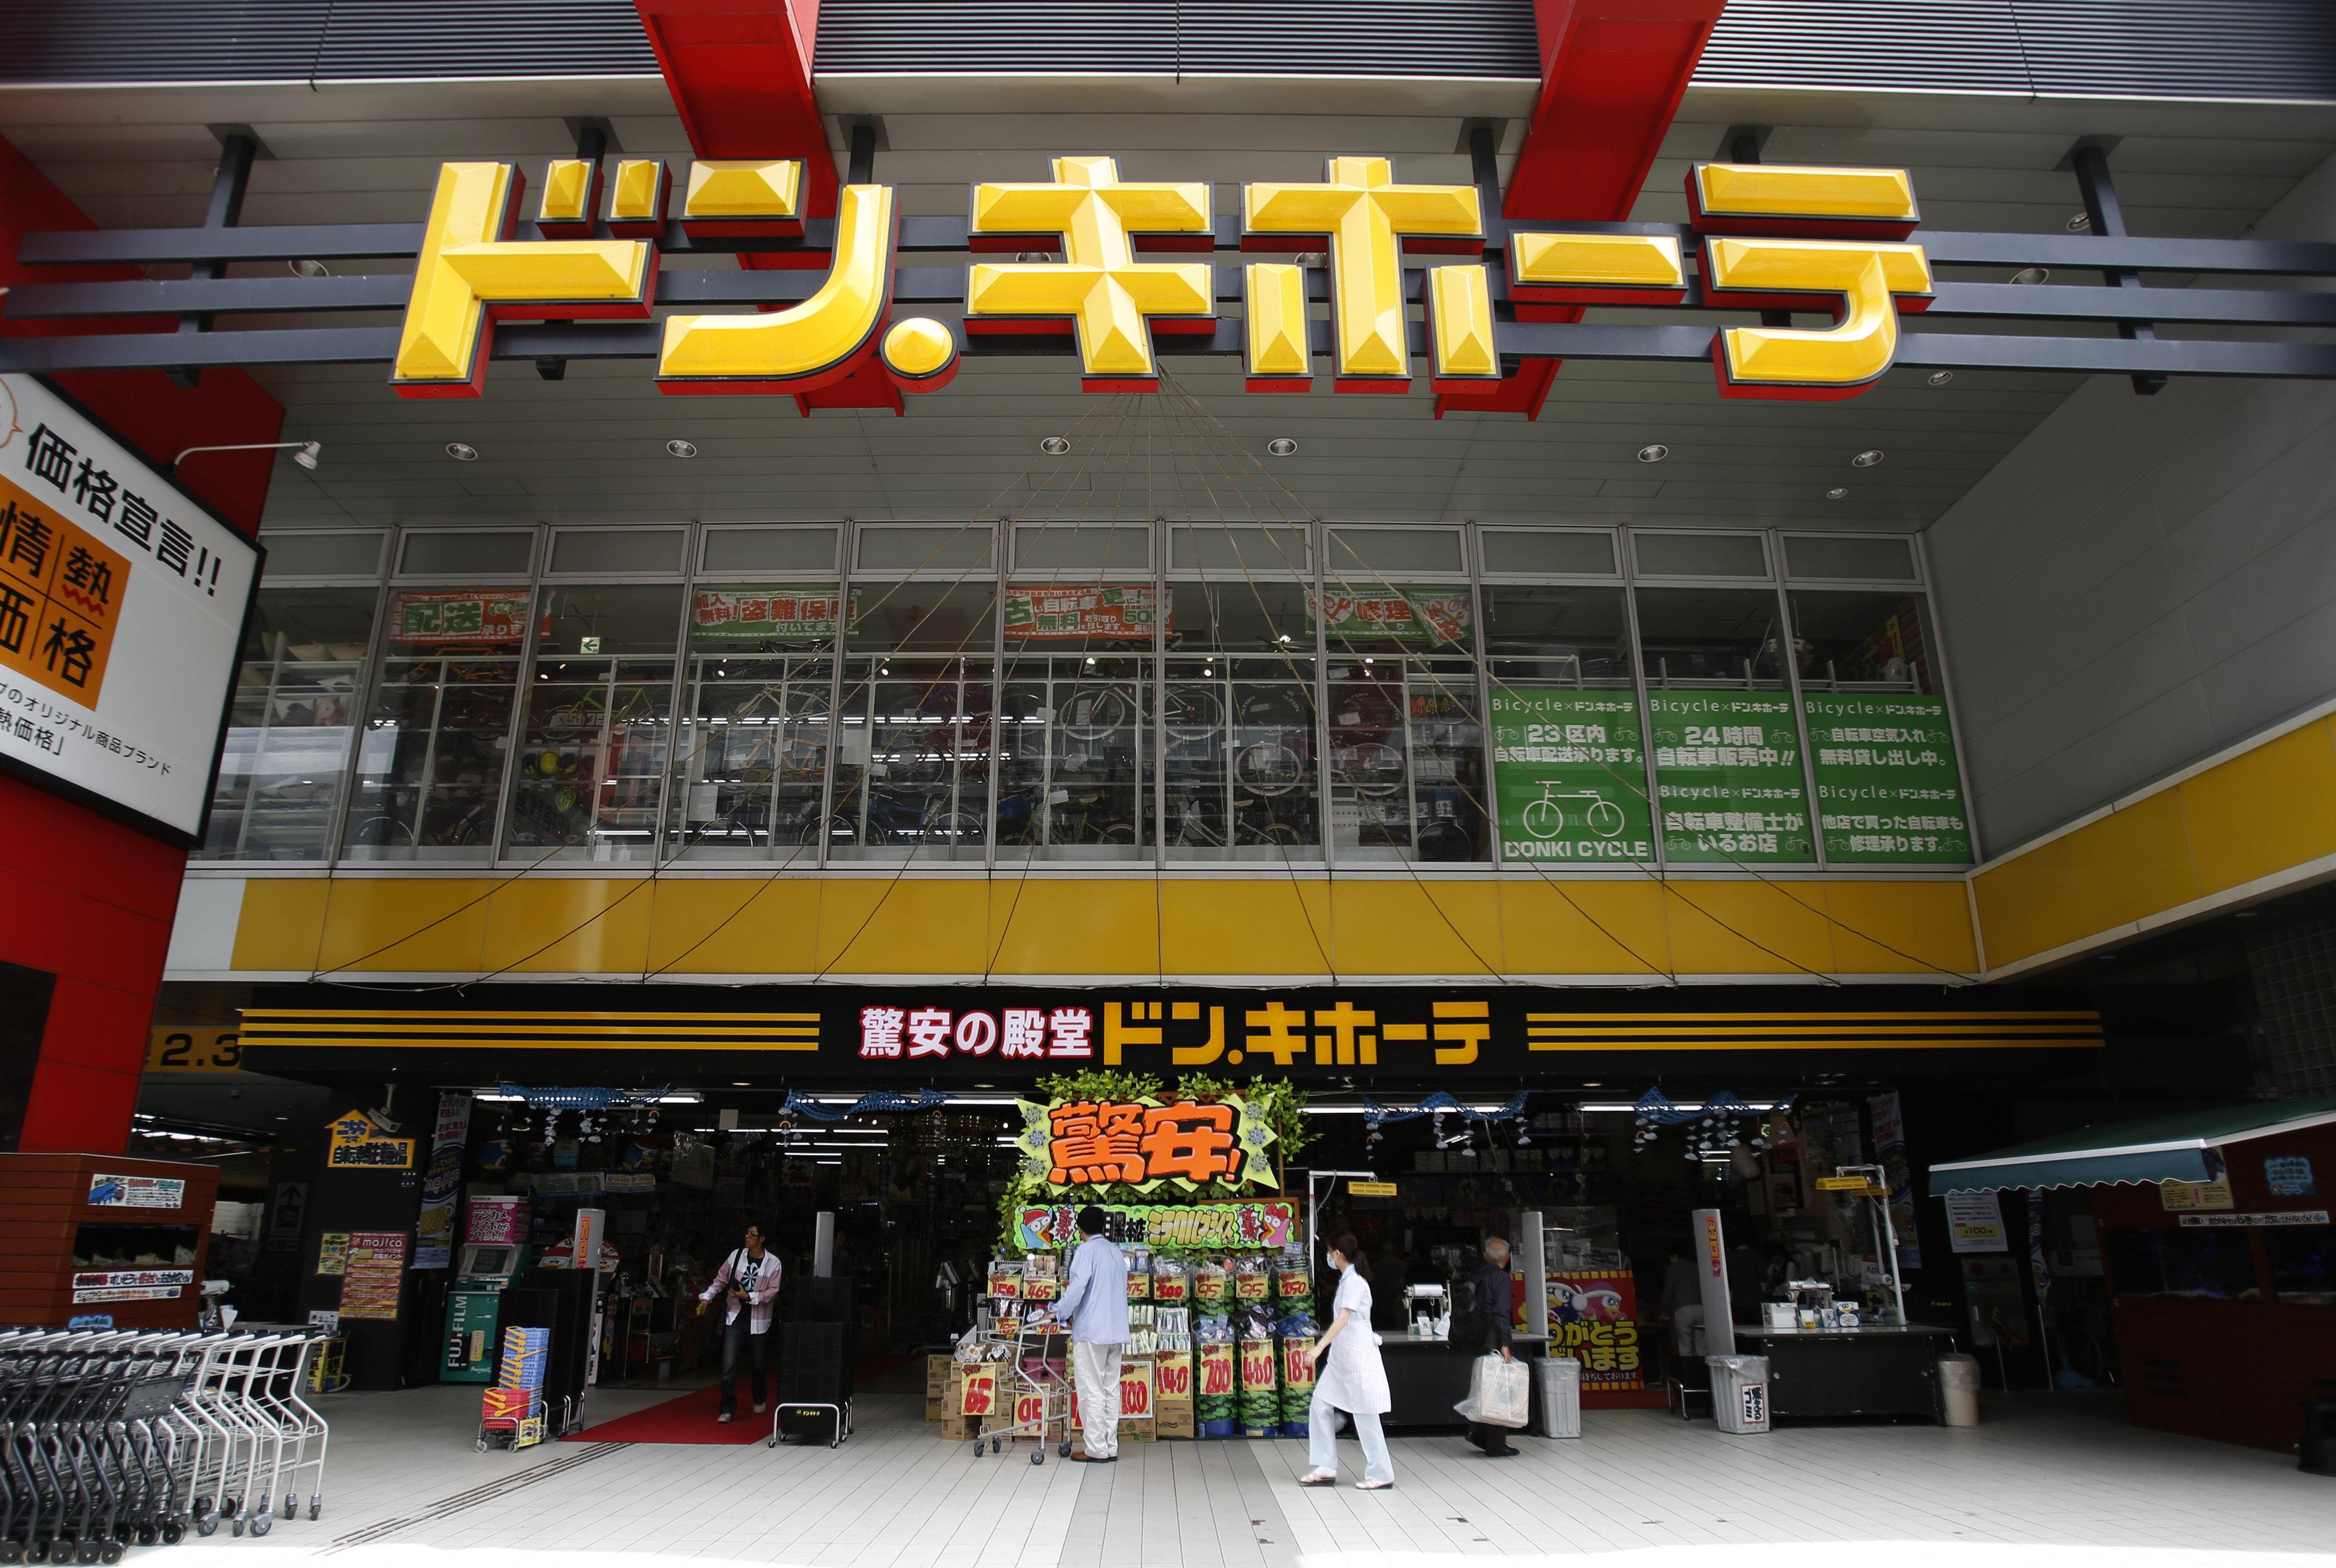 일본 돈키호테가 시부야에 지상 28층 규모 쇼핑 콤플렉스를